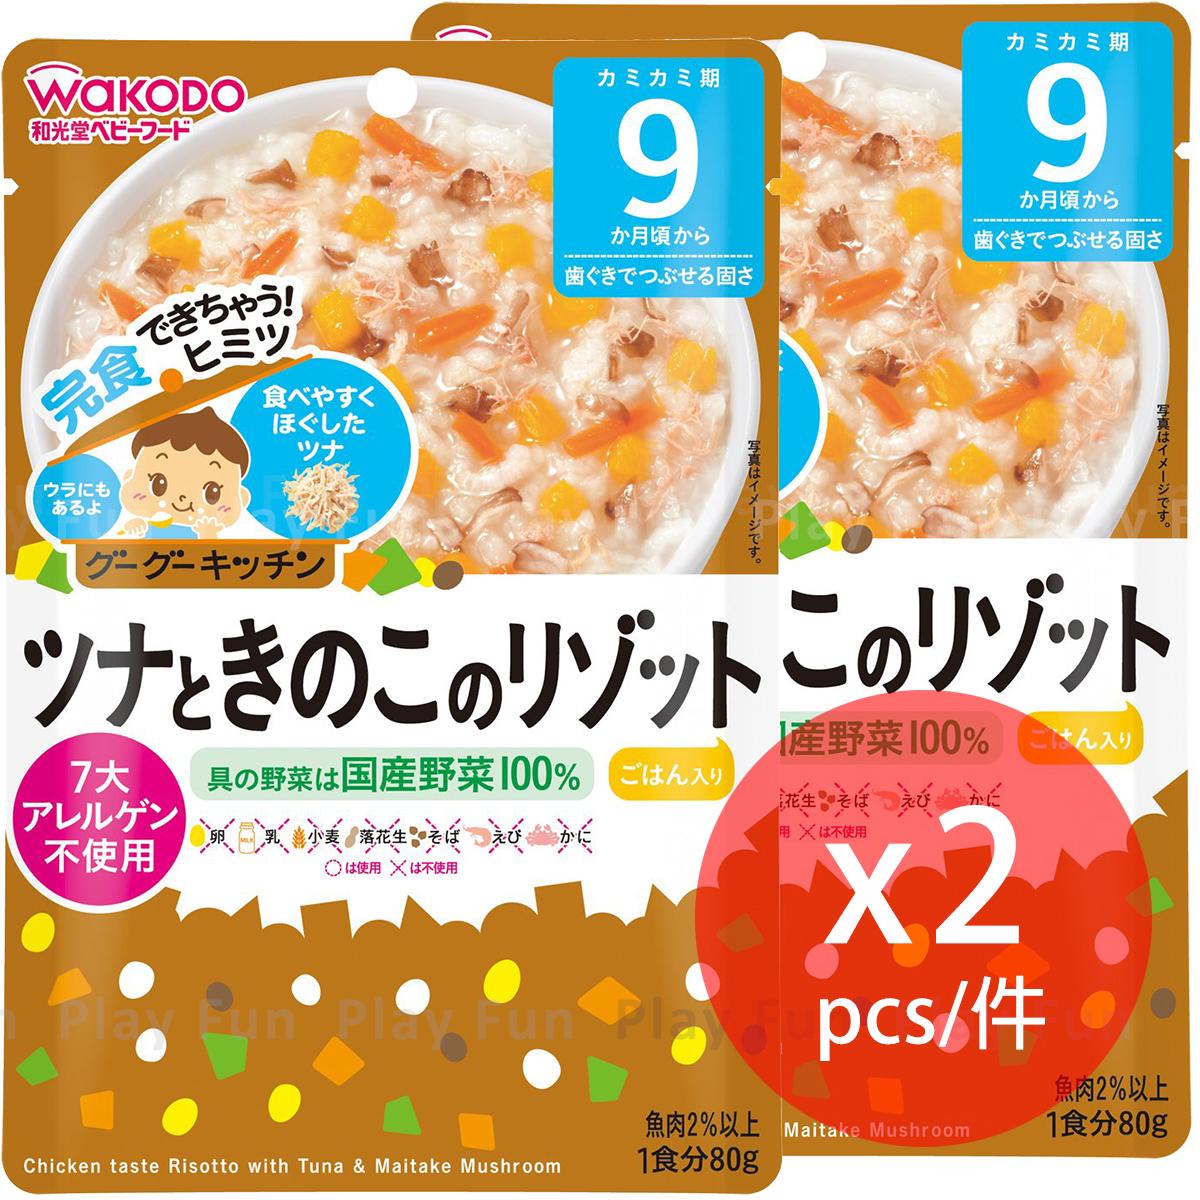 『超值套裝』金槍魚冬菇燴飯 80g [9個月或以上嬰兒食用] x 2包  (4987244181695_2)